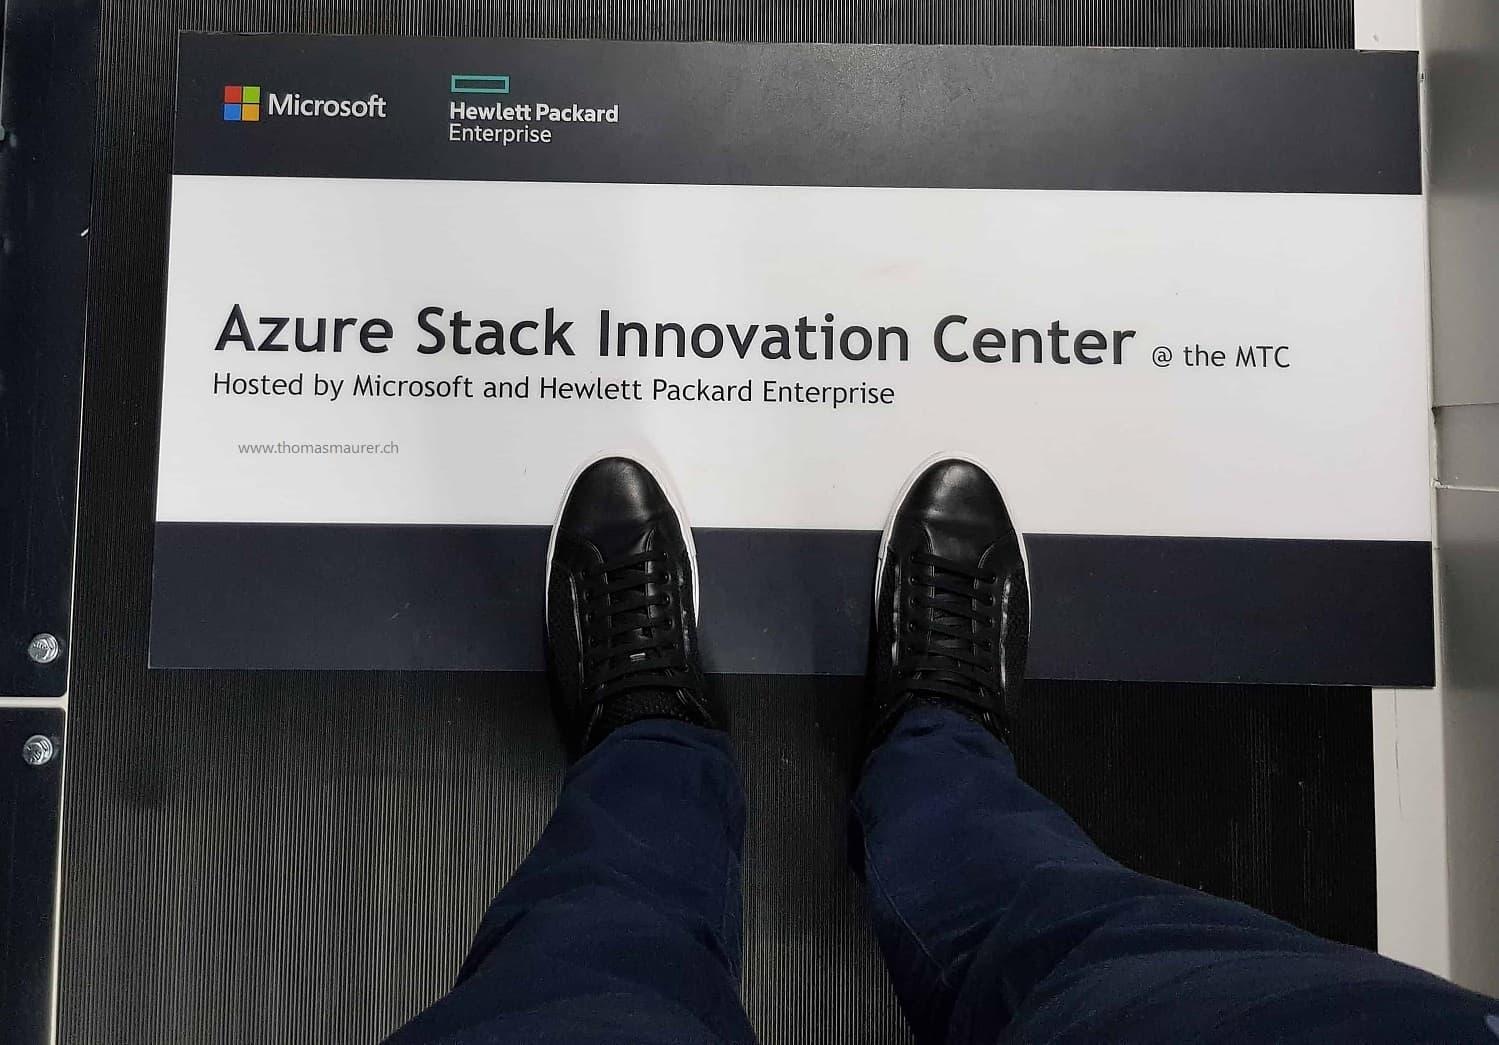 HPE Azure Stack Innovation Center